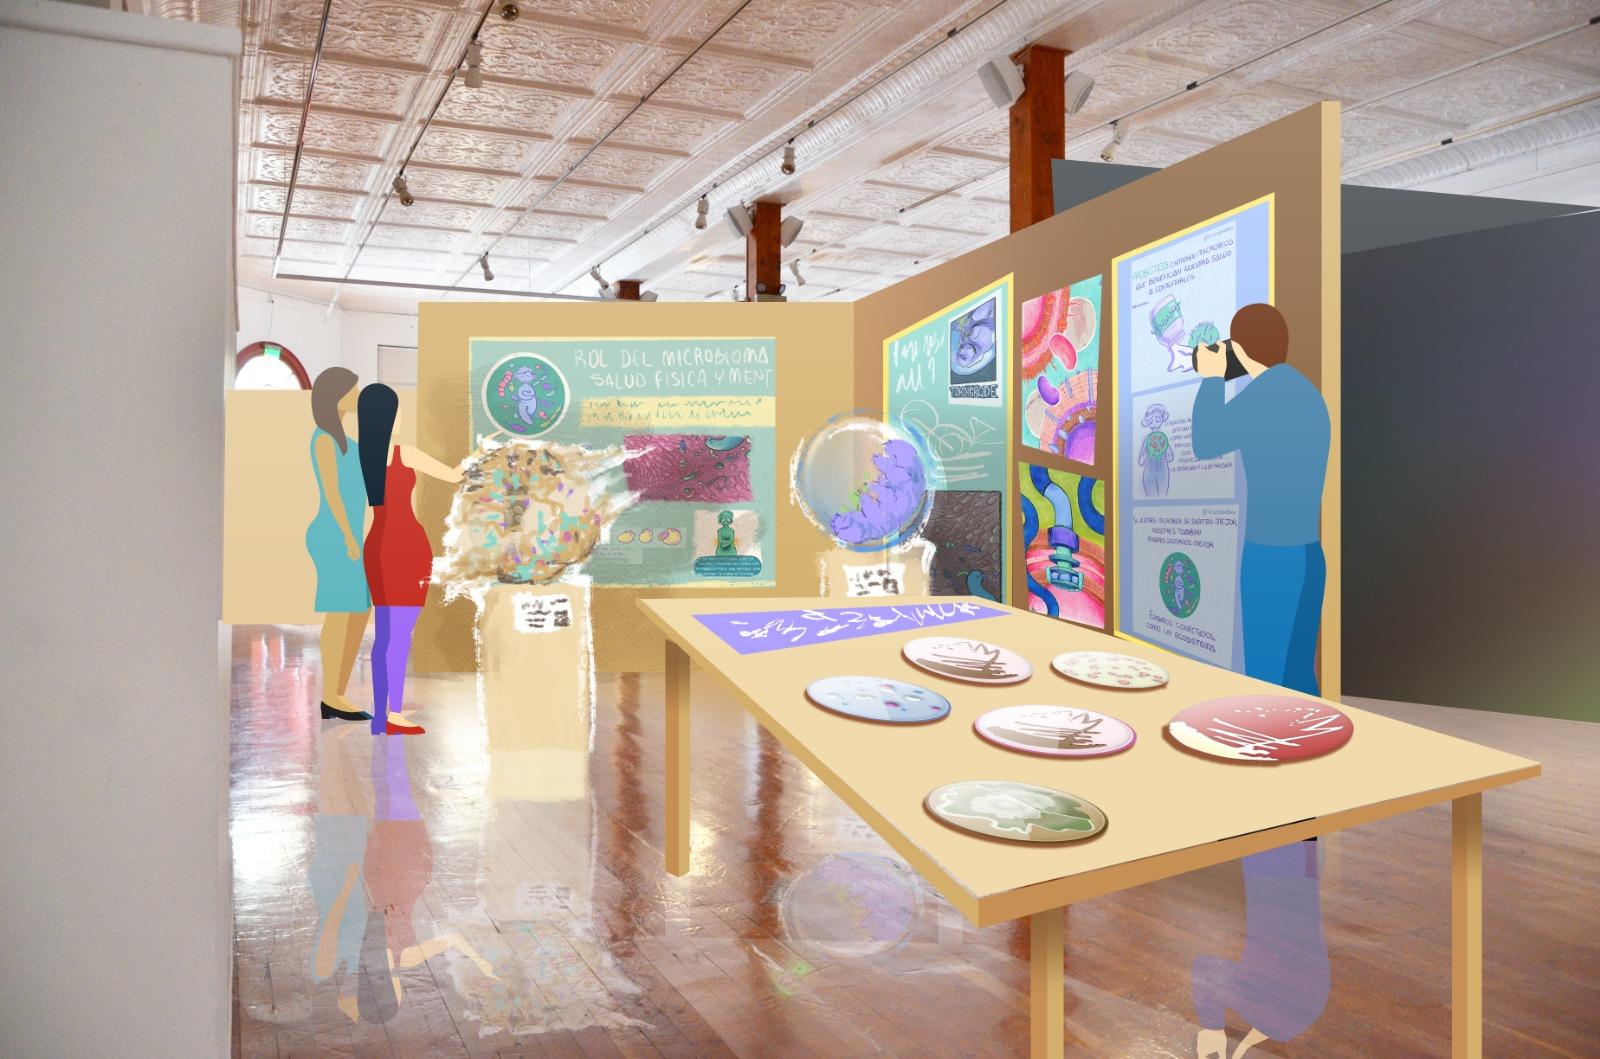 Preparan muestra sobre microbioma humano que une ciencia y arte